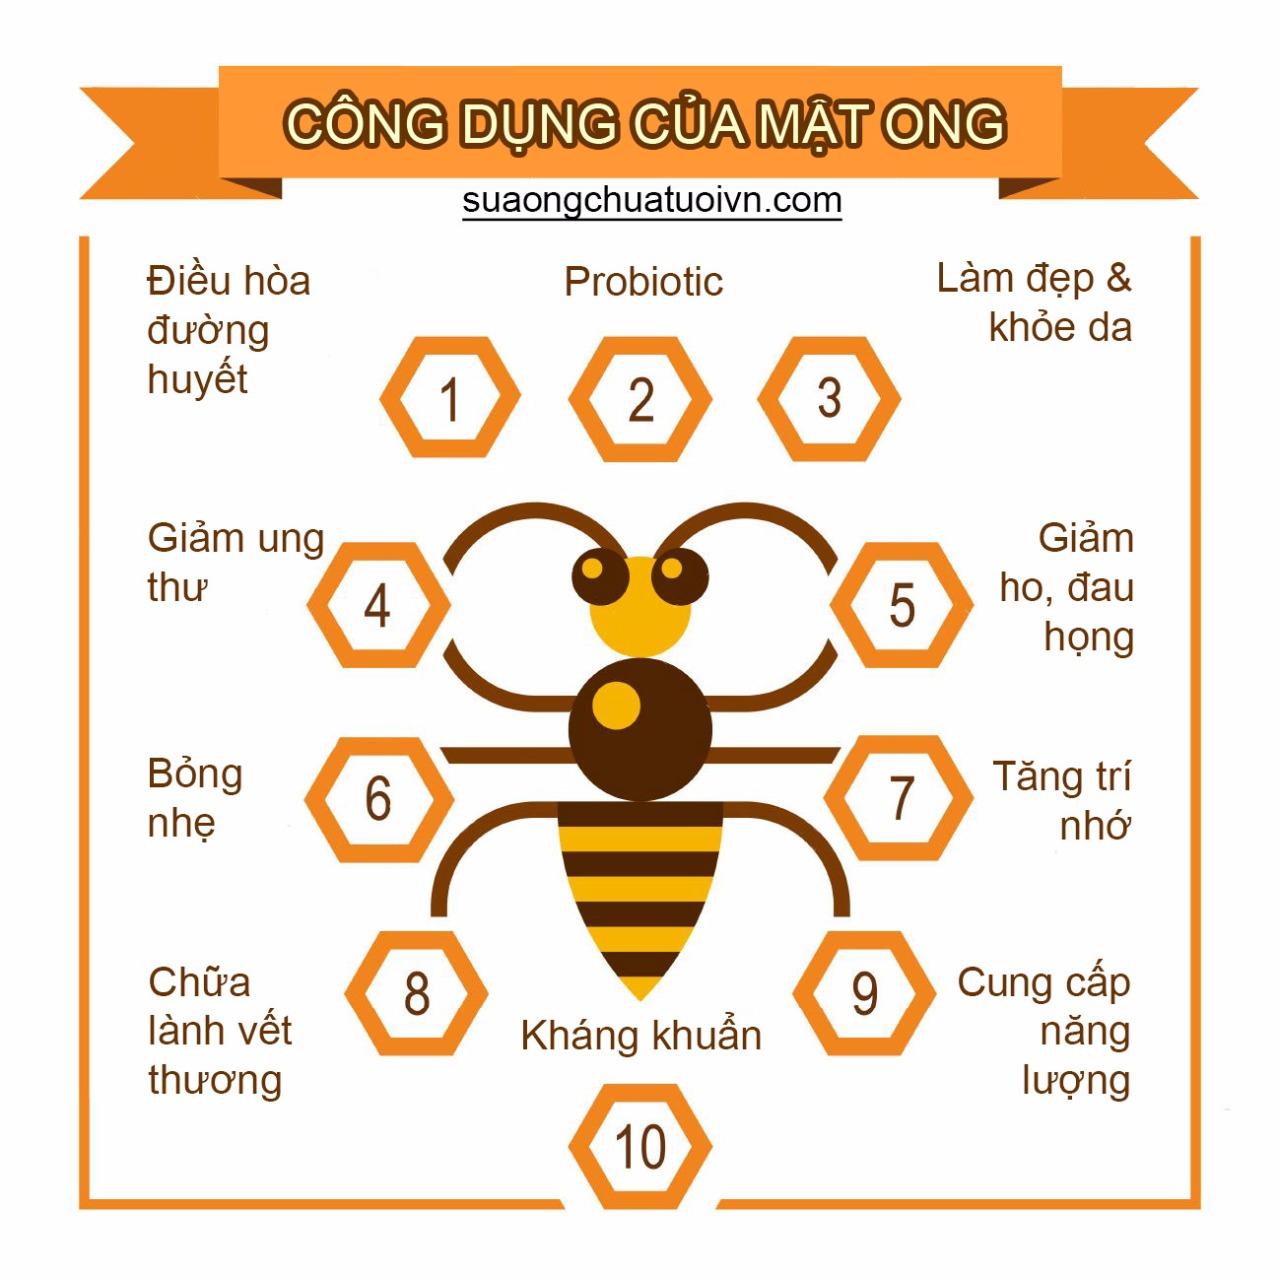 Những công dụng chính của mật ong.